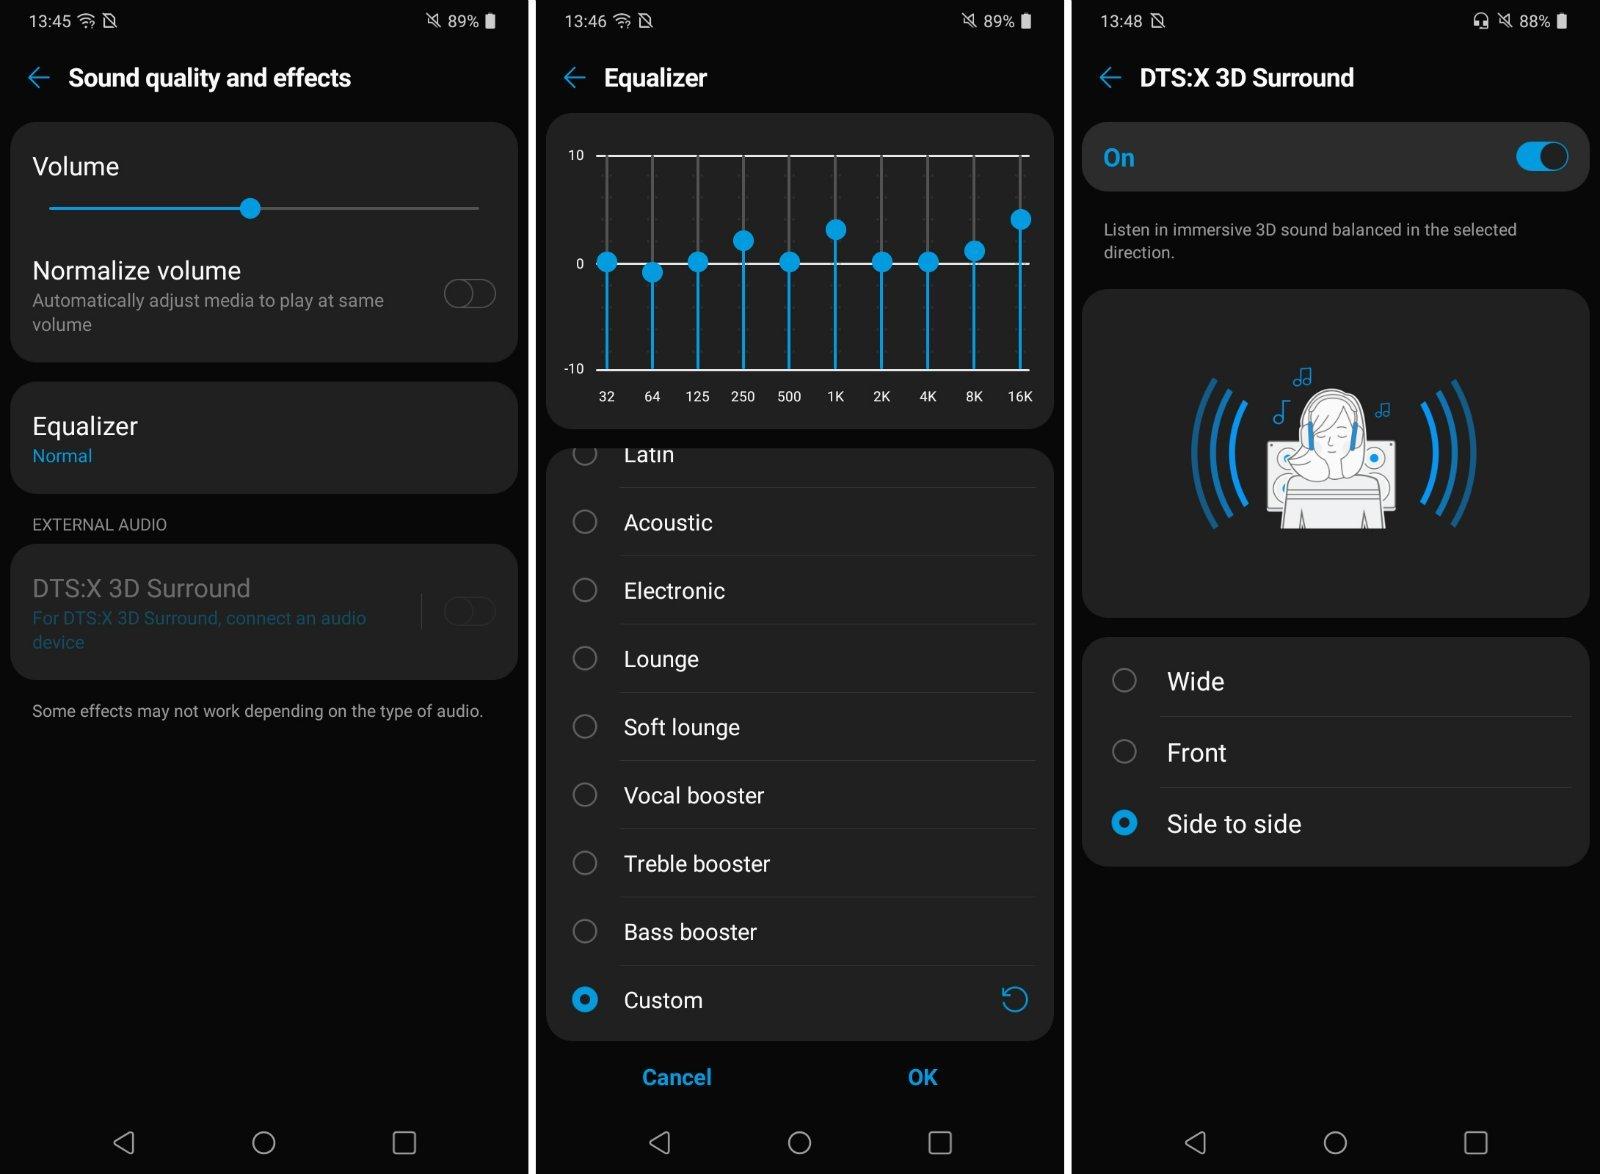 LG K41s UI 1 w1600 بررسی ال جی K41S ؛ گوشی اقتصادی با امکانات یک میانرده اخبار IT